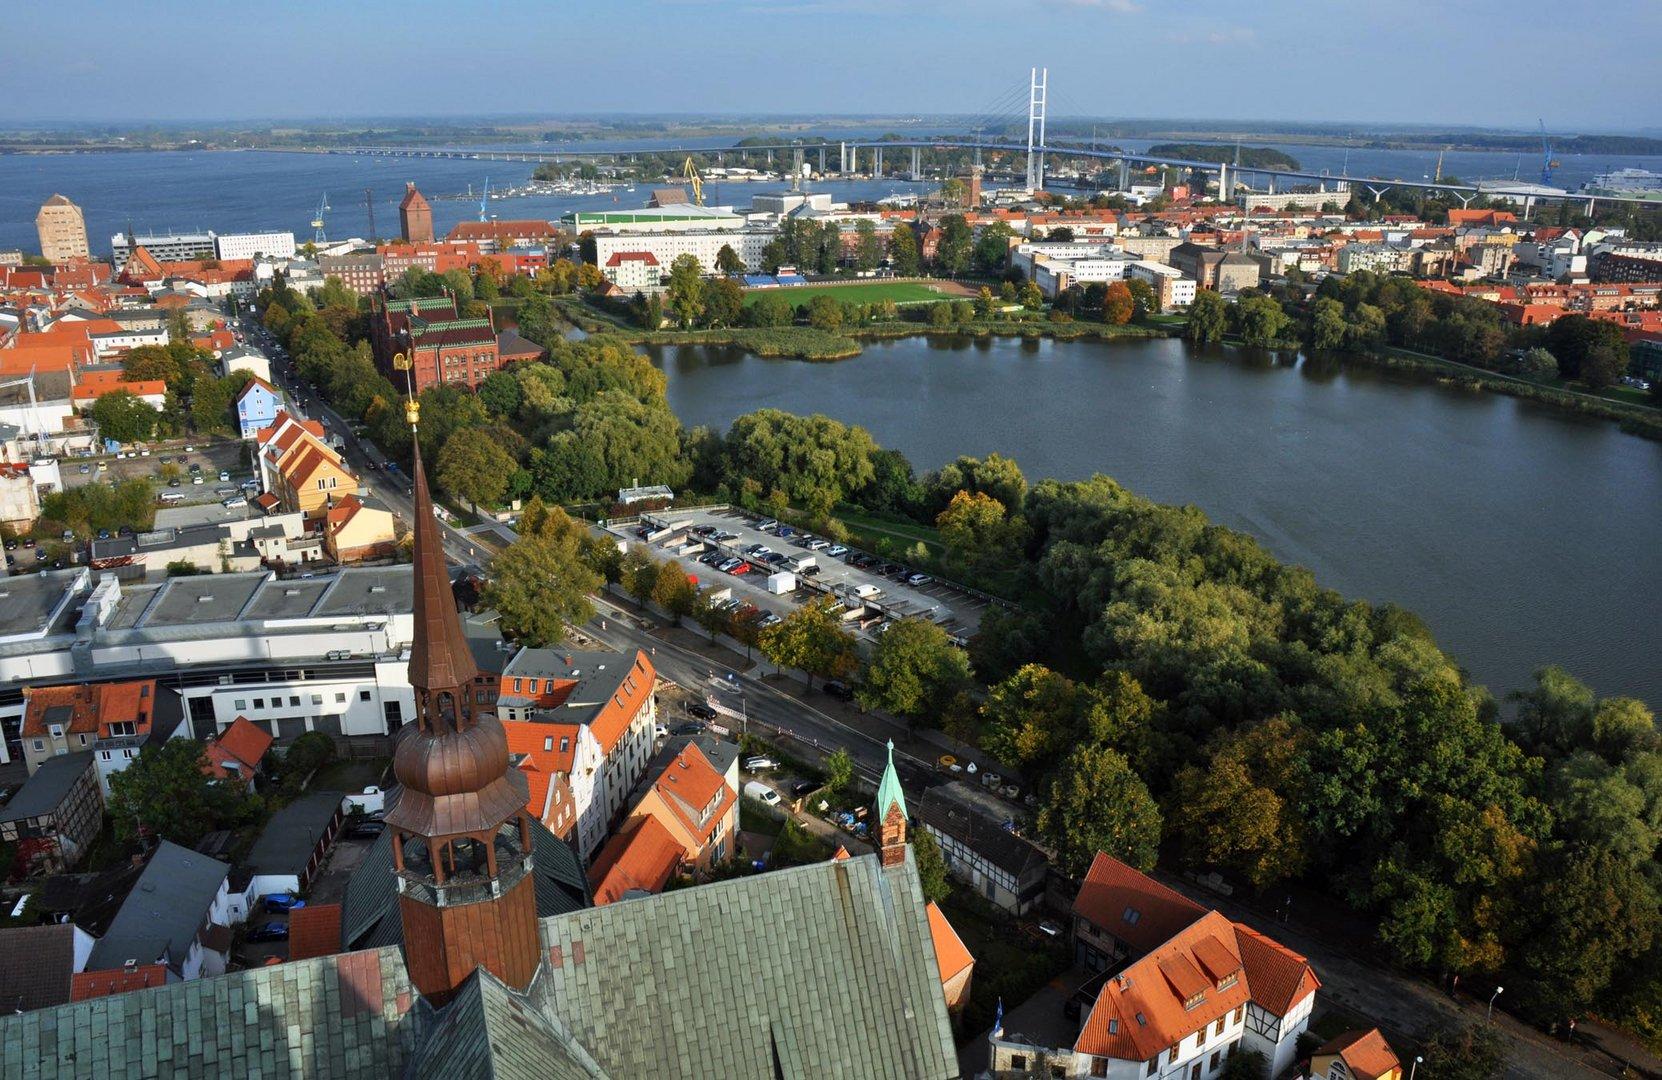 Blick auf die Rügenbrücke